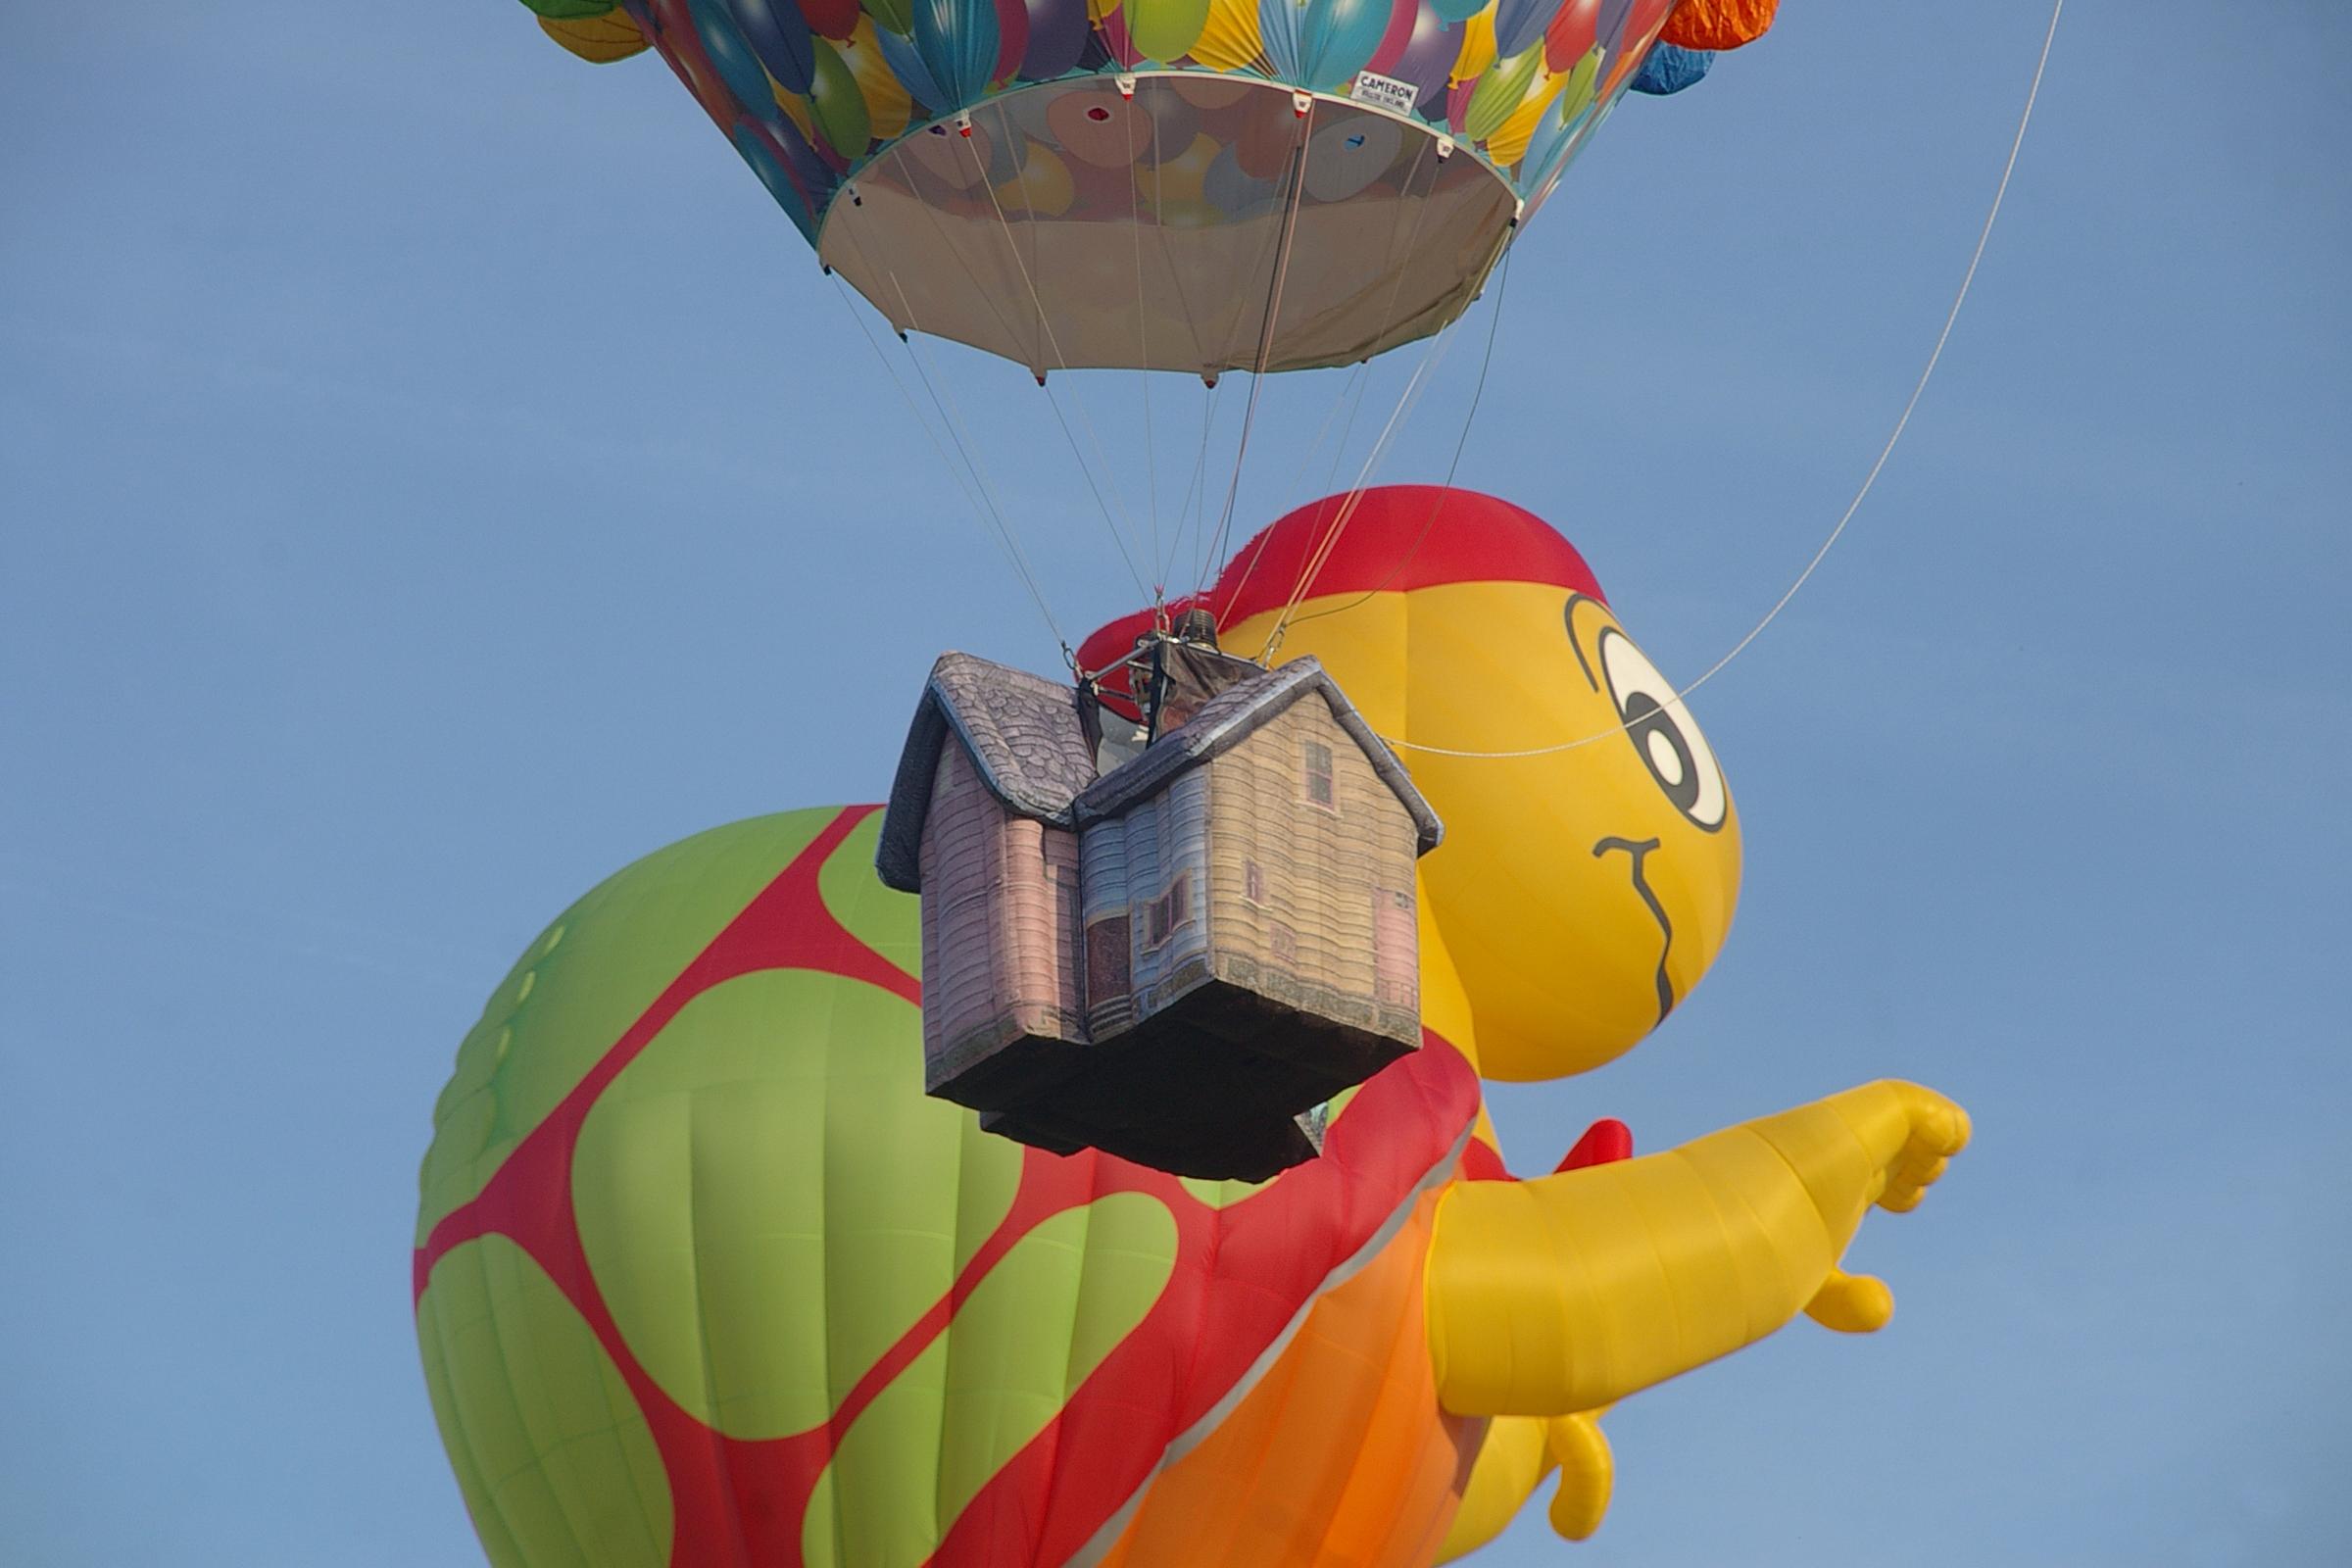 Bristol Balloon Fiesta 2014 File:bristol Balloon Fiesta